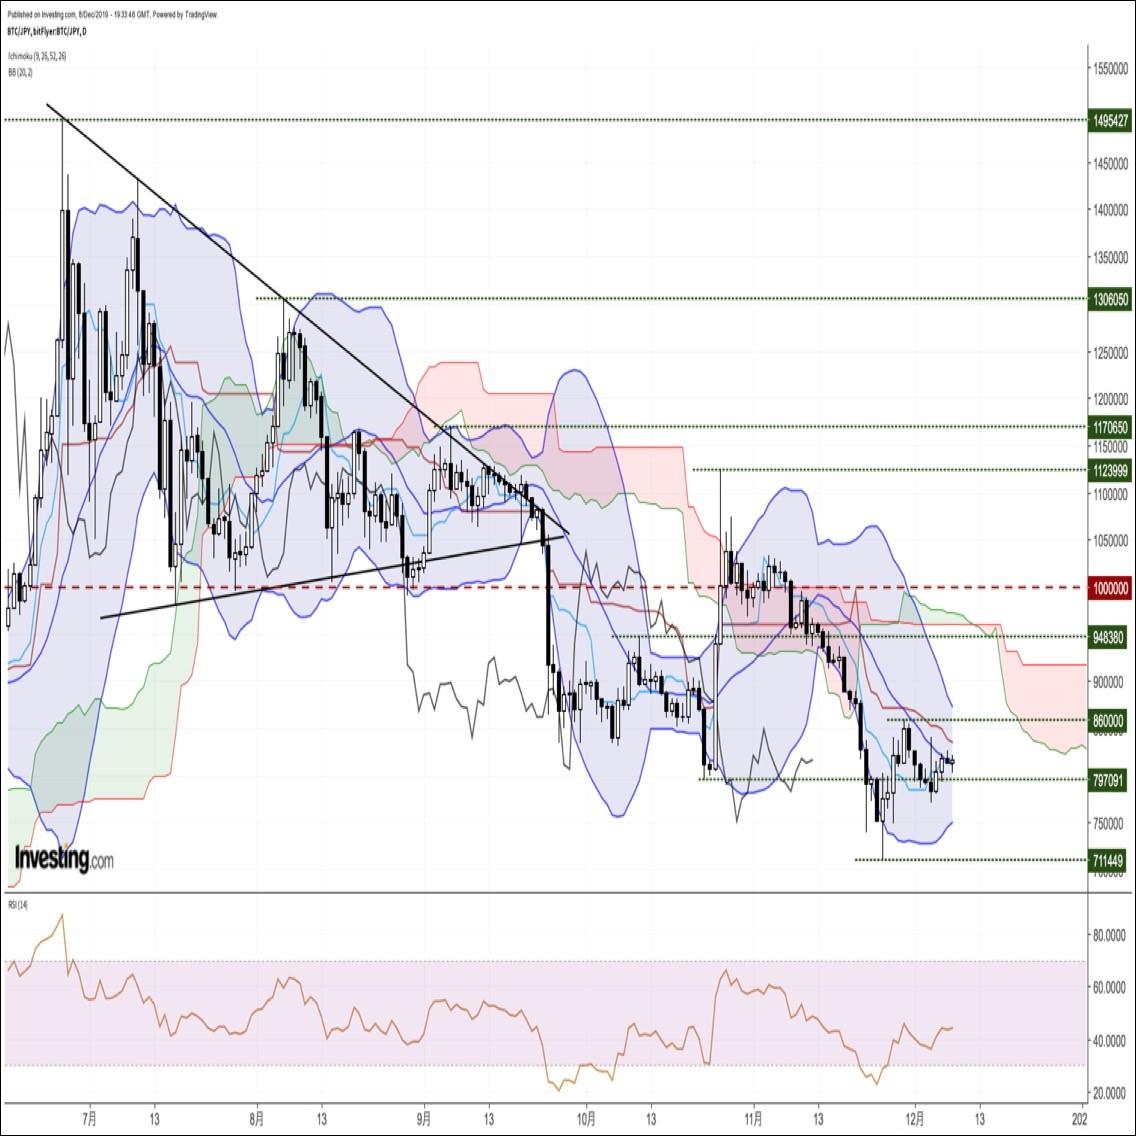 ビットコイン円、狭いレンジ内で一進一退。Bakktによるオプション取引のローンチに注目(12/9朝)